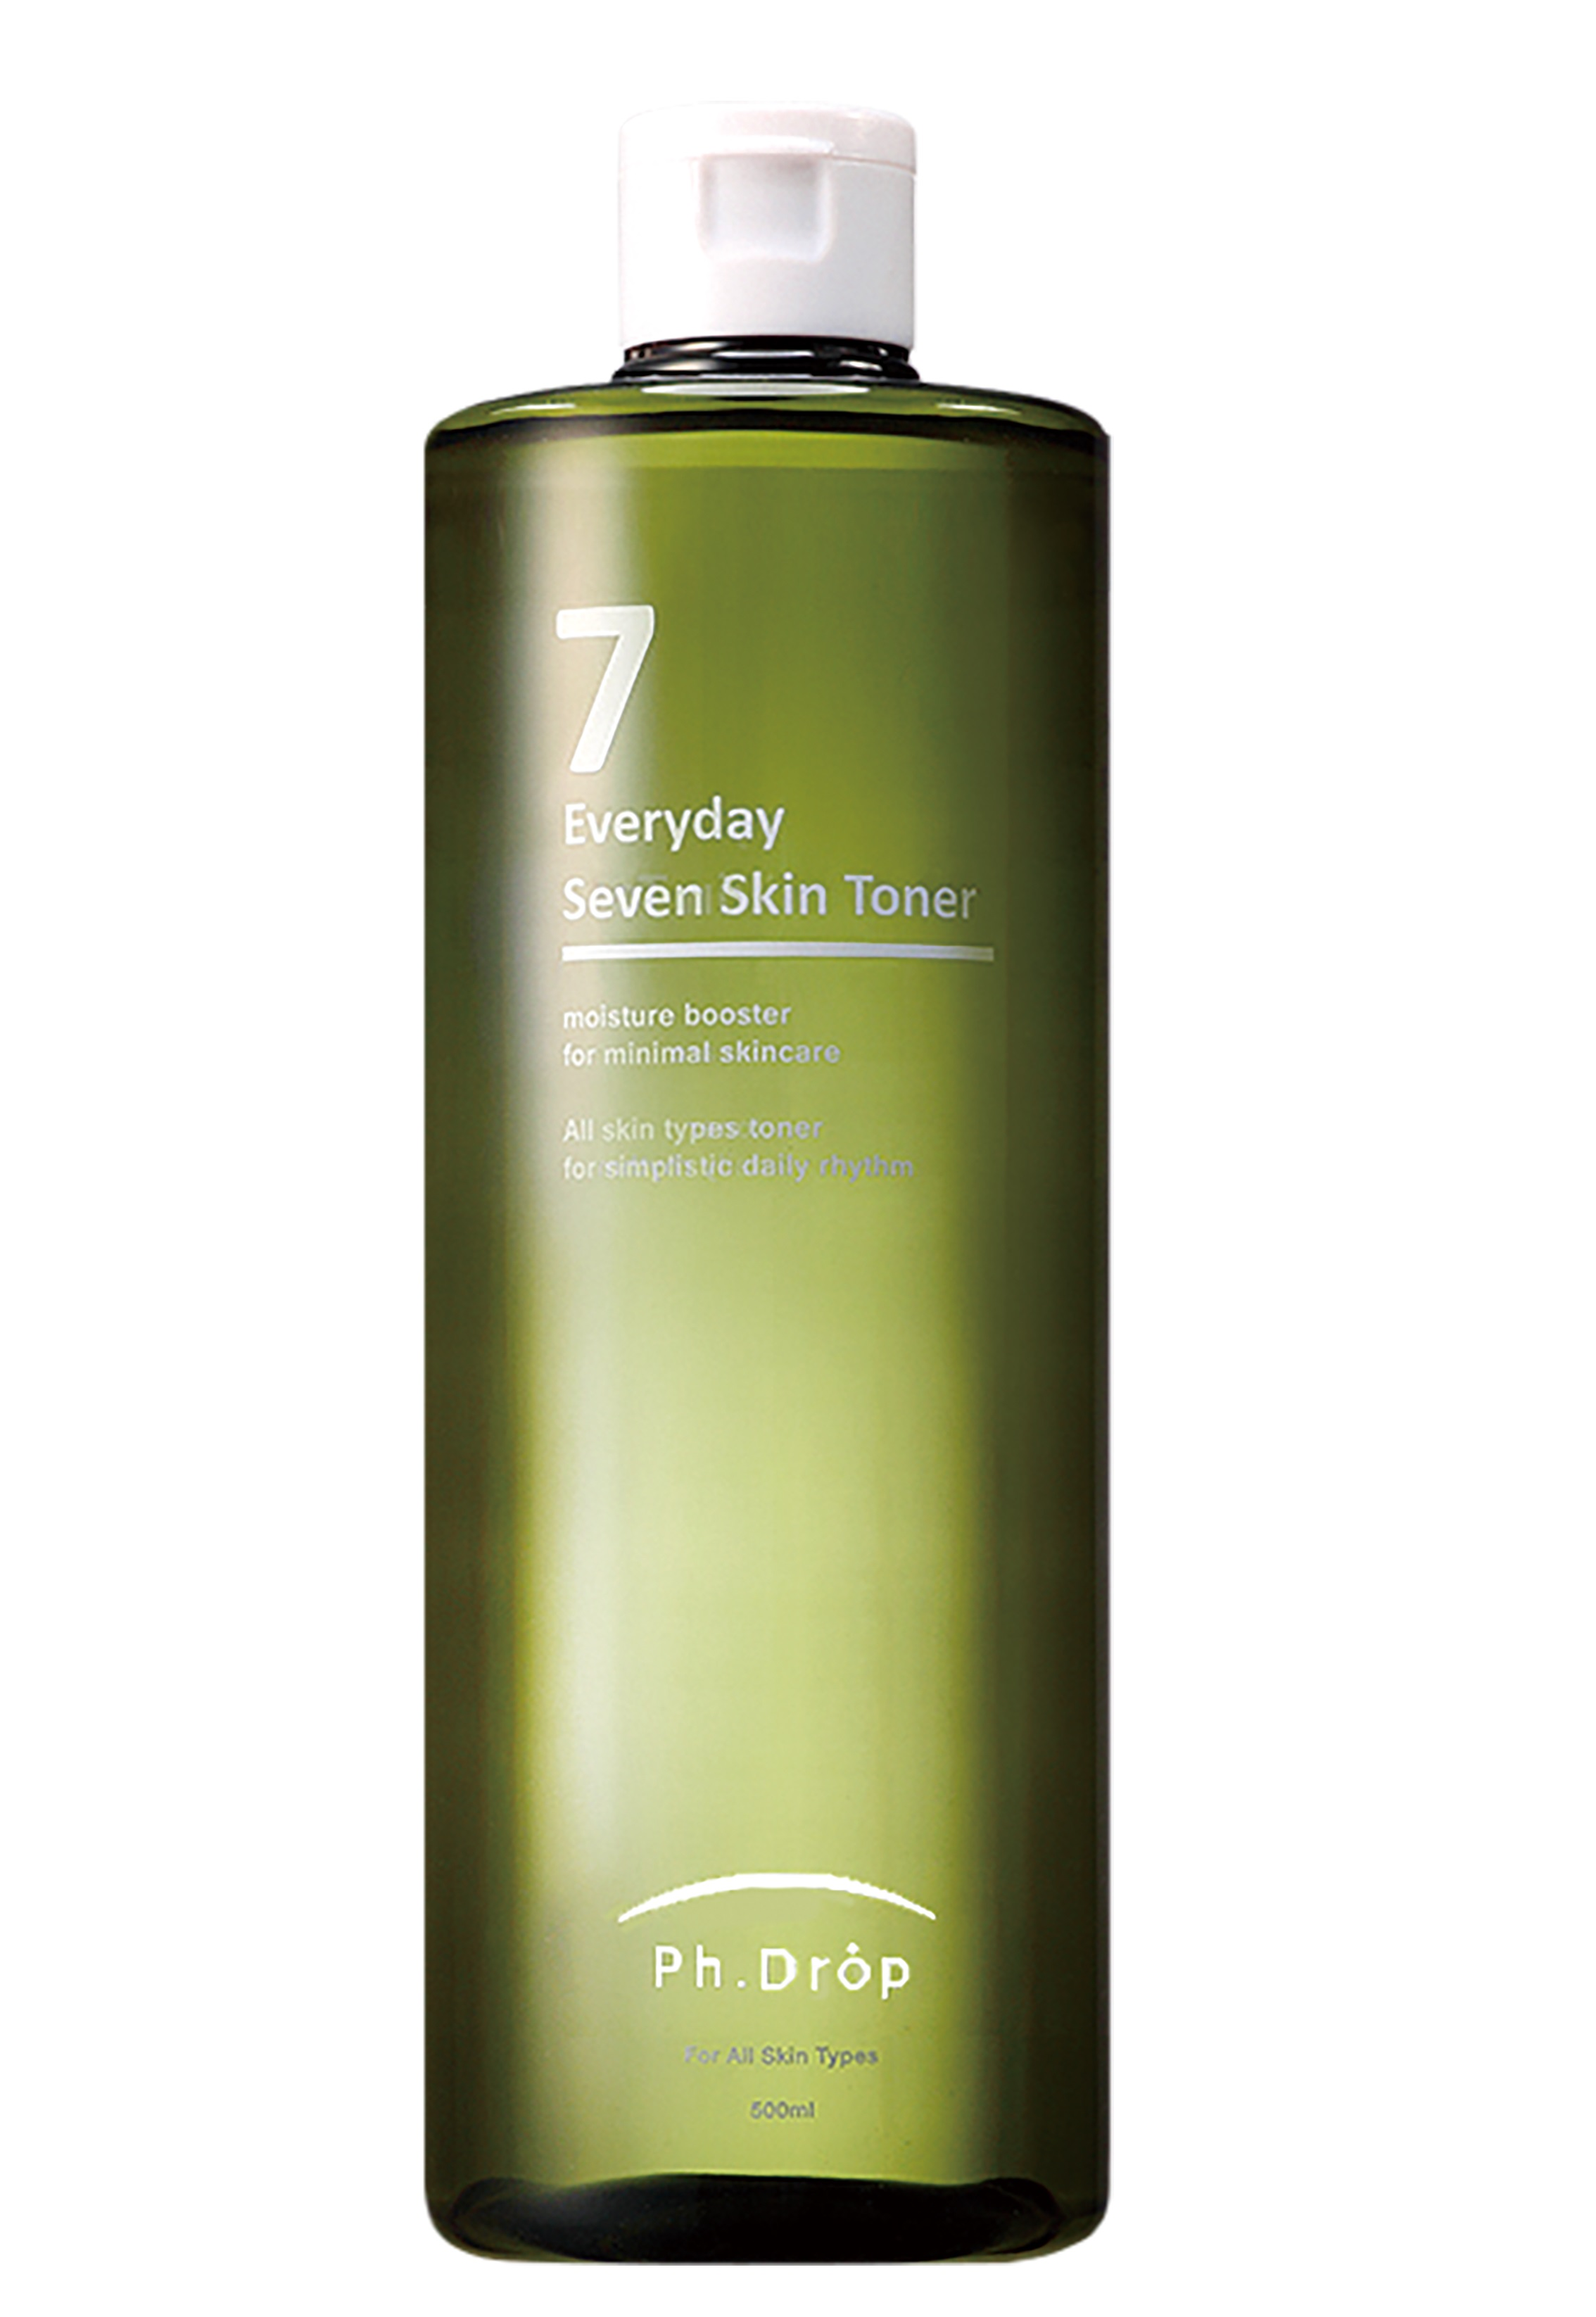 PH.DROP Тоник восстанавливающий для лица, для ежедневного применения / Everyday 7 Skin Toner 500 мл - Тоники